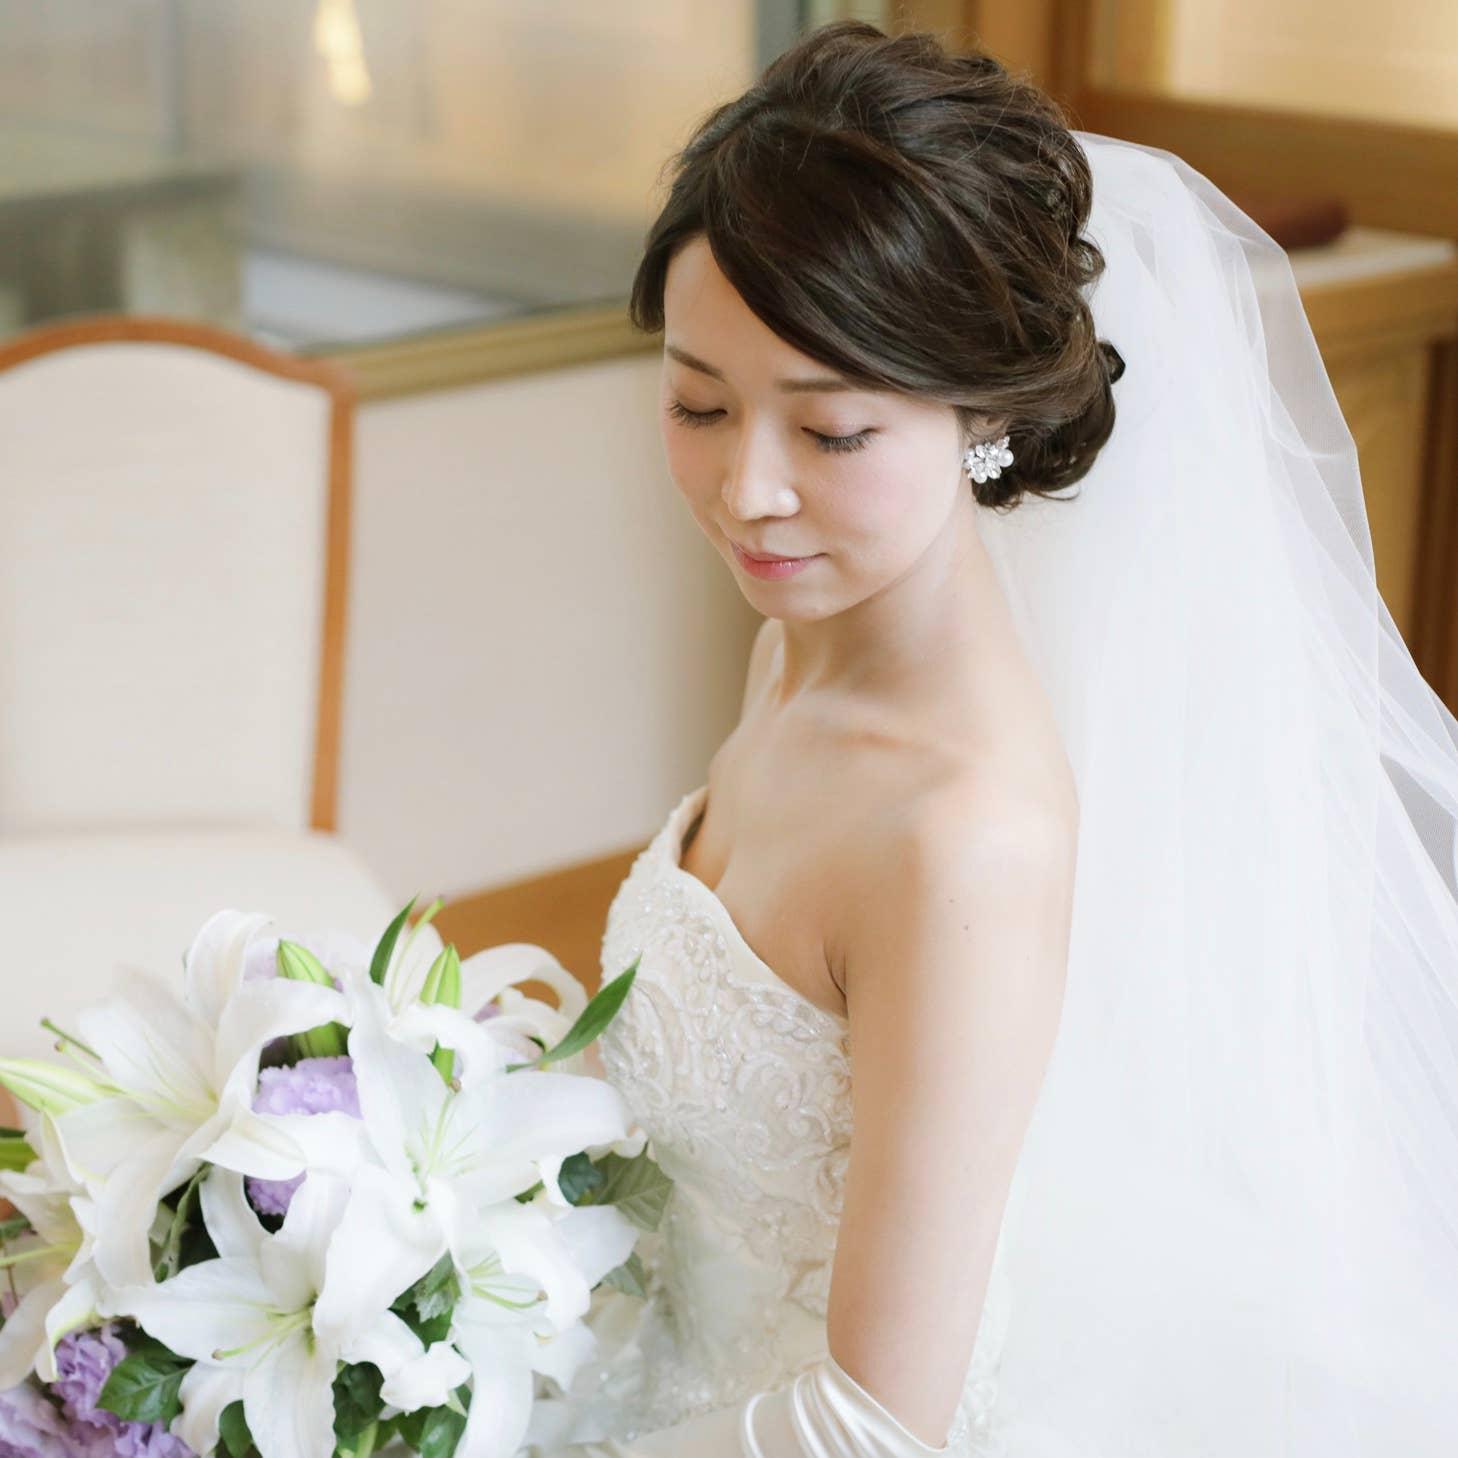 Asako Miyahara